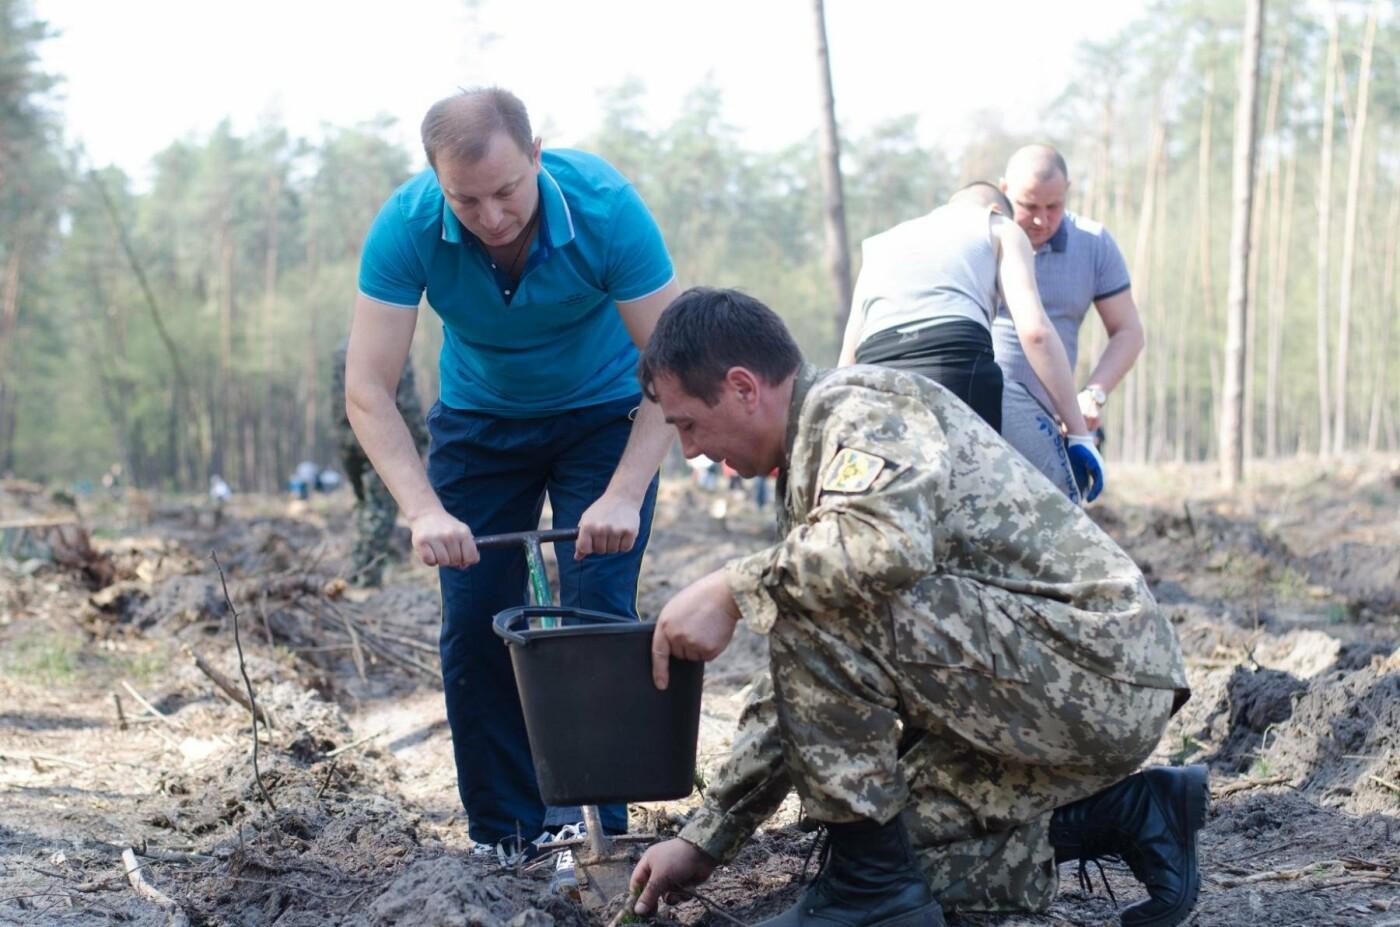 Степан Барна: Дуже важливо, щоб ми приклали всіх зусиль, щоб відновити лісовий фонд Тернопільської області (фото, відео), фото-5